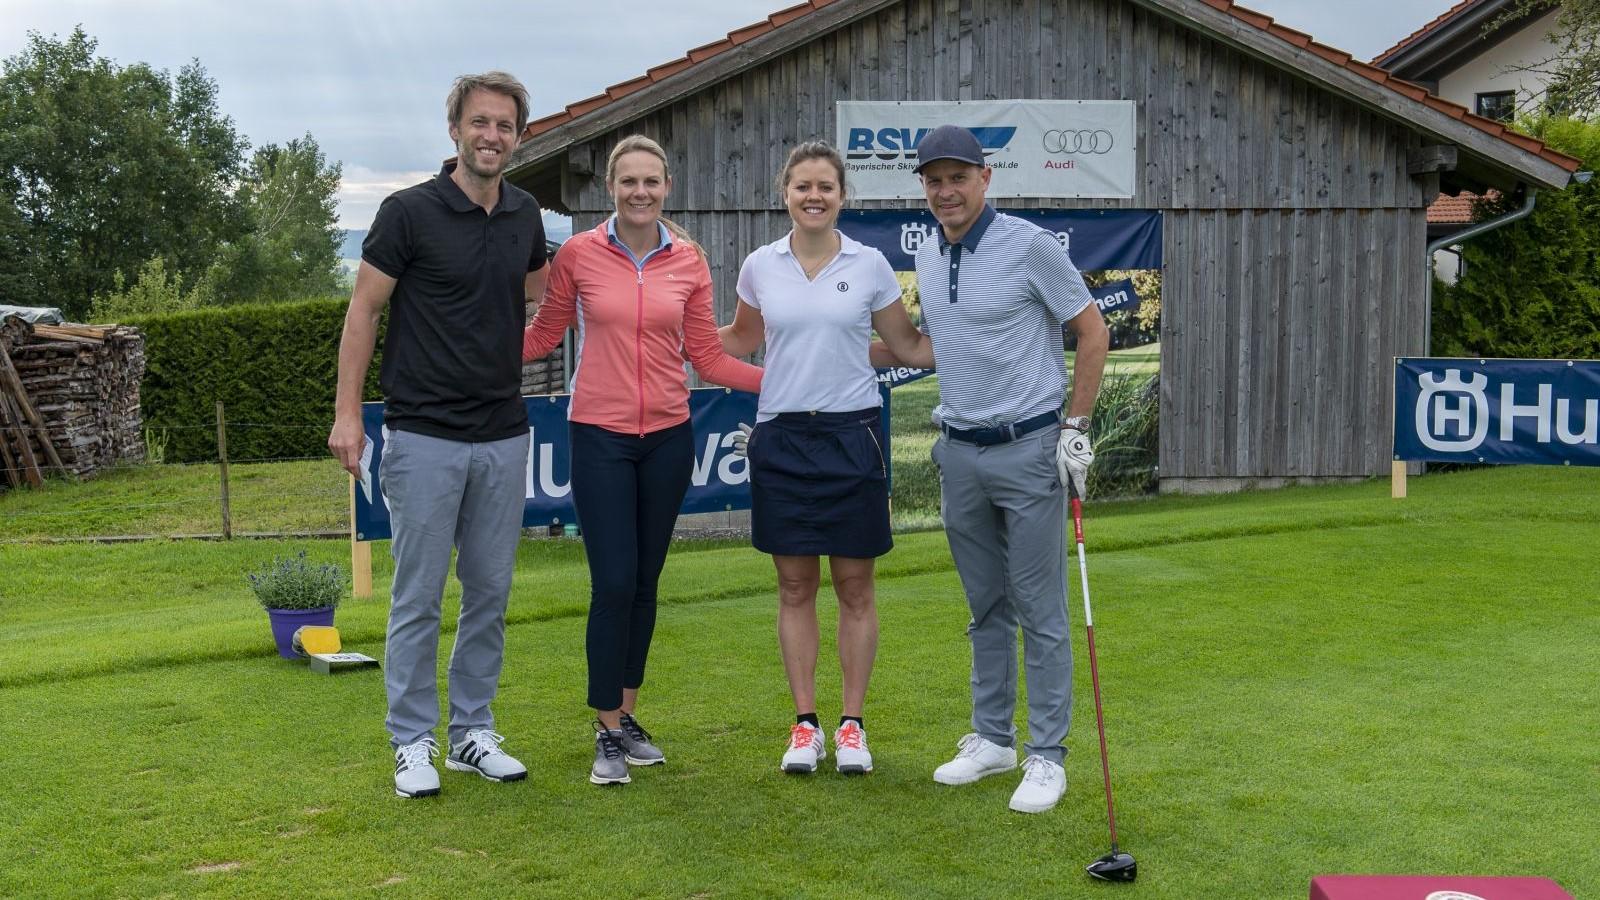 14. BSV Golfturnier presented by Husqvarna: Golfen für den Wintersportnachwuchs